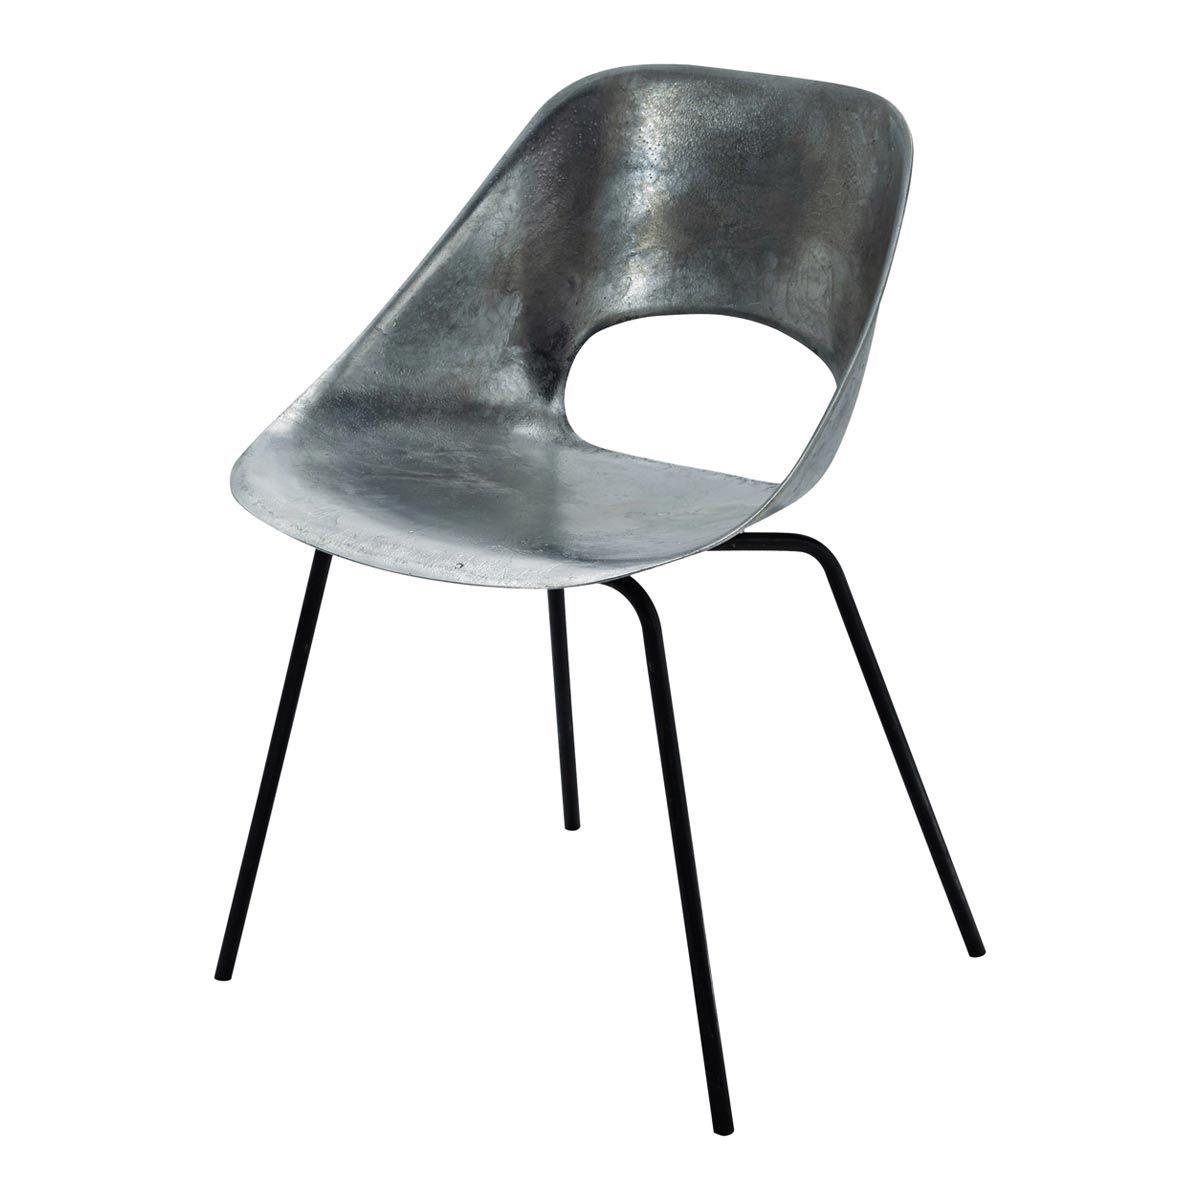 chaise vintage métal guariche tulipe | deco | pinterest | chaise ... - Chaise Tulipe Maison Du Monde